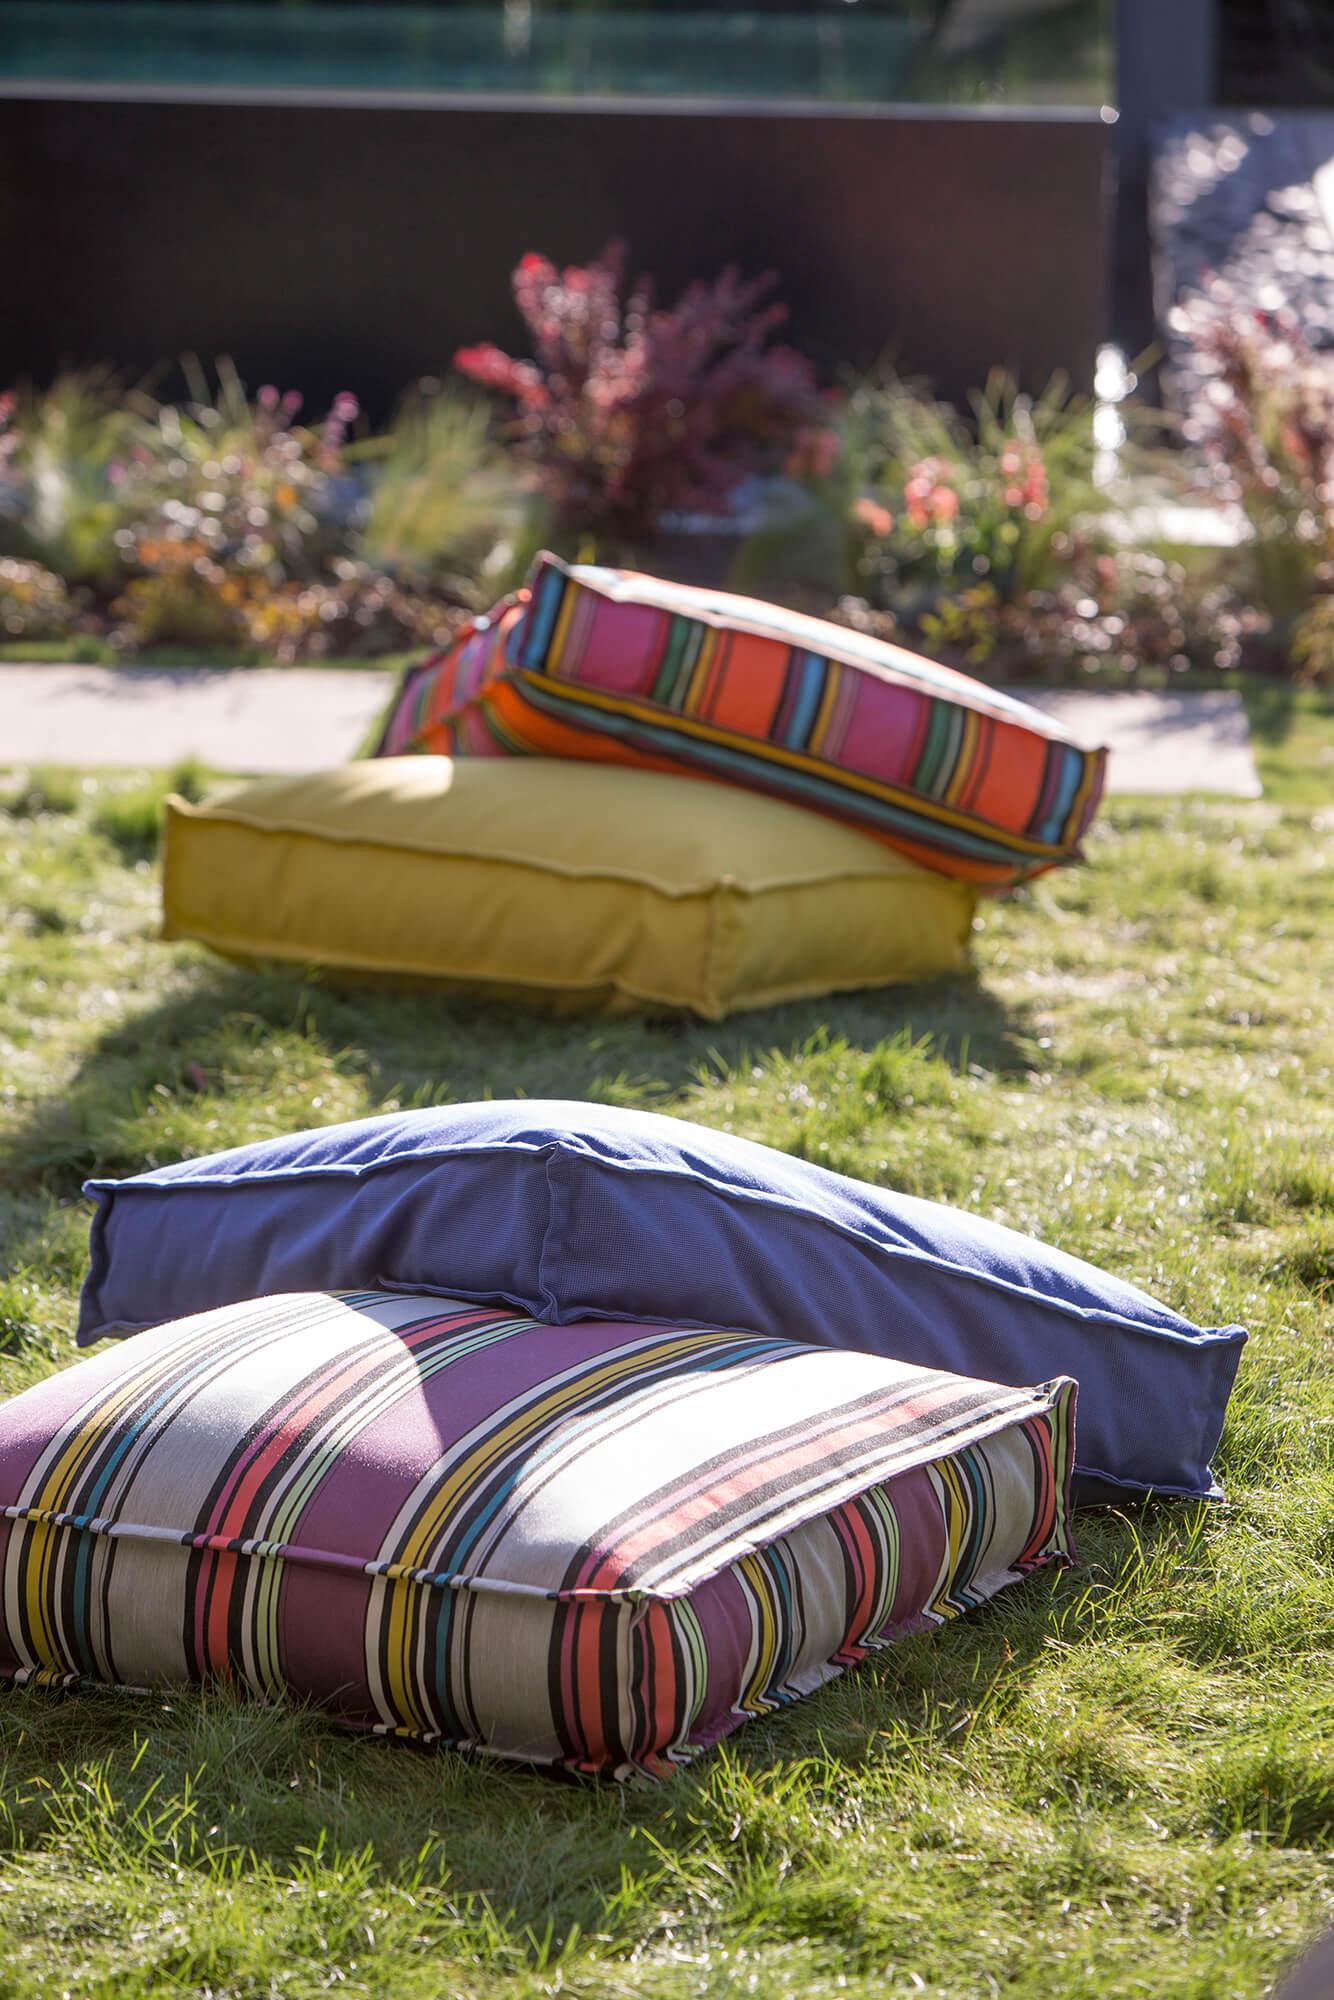 กองหมอนรองพื้นสีสว่างหุ้มด้วยผ้า Sunbrella จากคอลเลกชัน Icon วางเรียงกันอยู่บนหญ้า